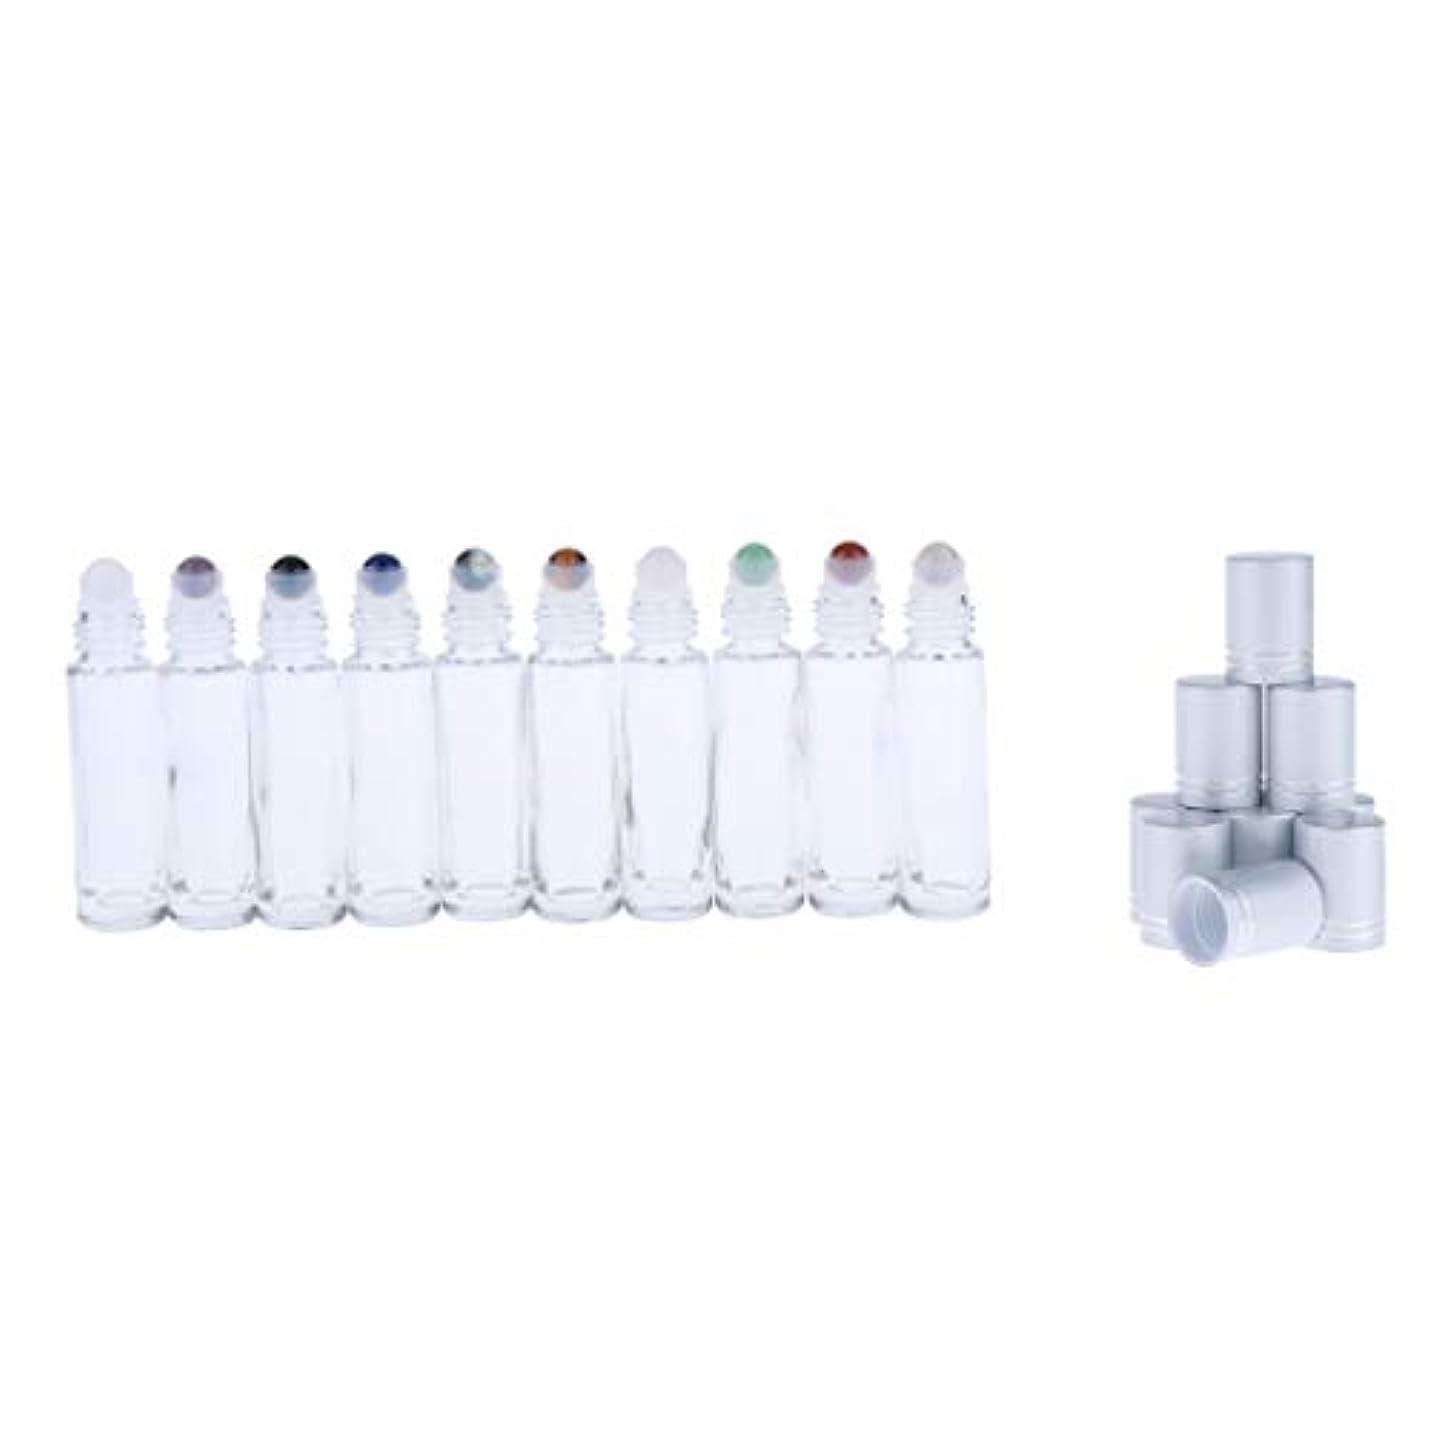 センチメンタル購入マルクス主義sharprepublic 10個 ロールオンボトル ガラスボトル 精油 香水やアロマの保存 詰替え 小分け用 10ml